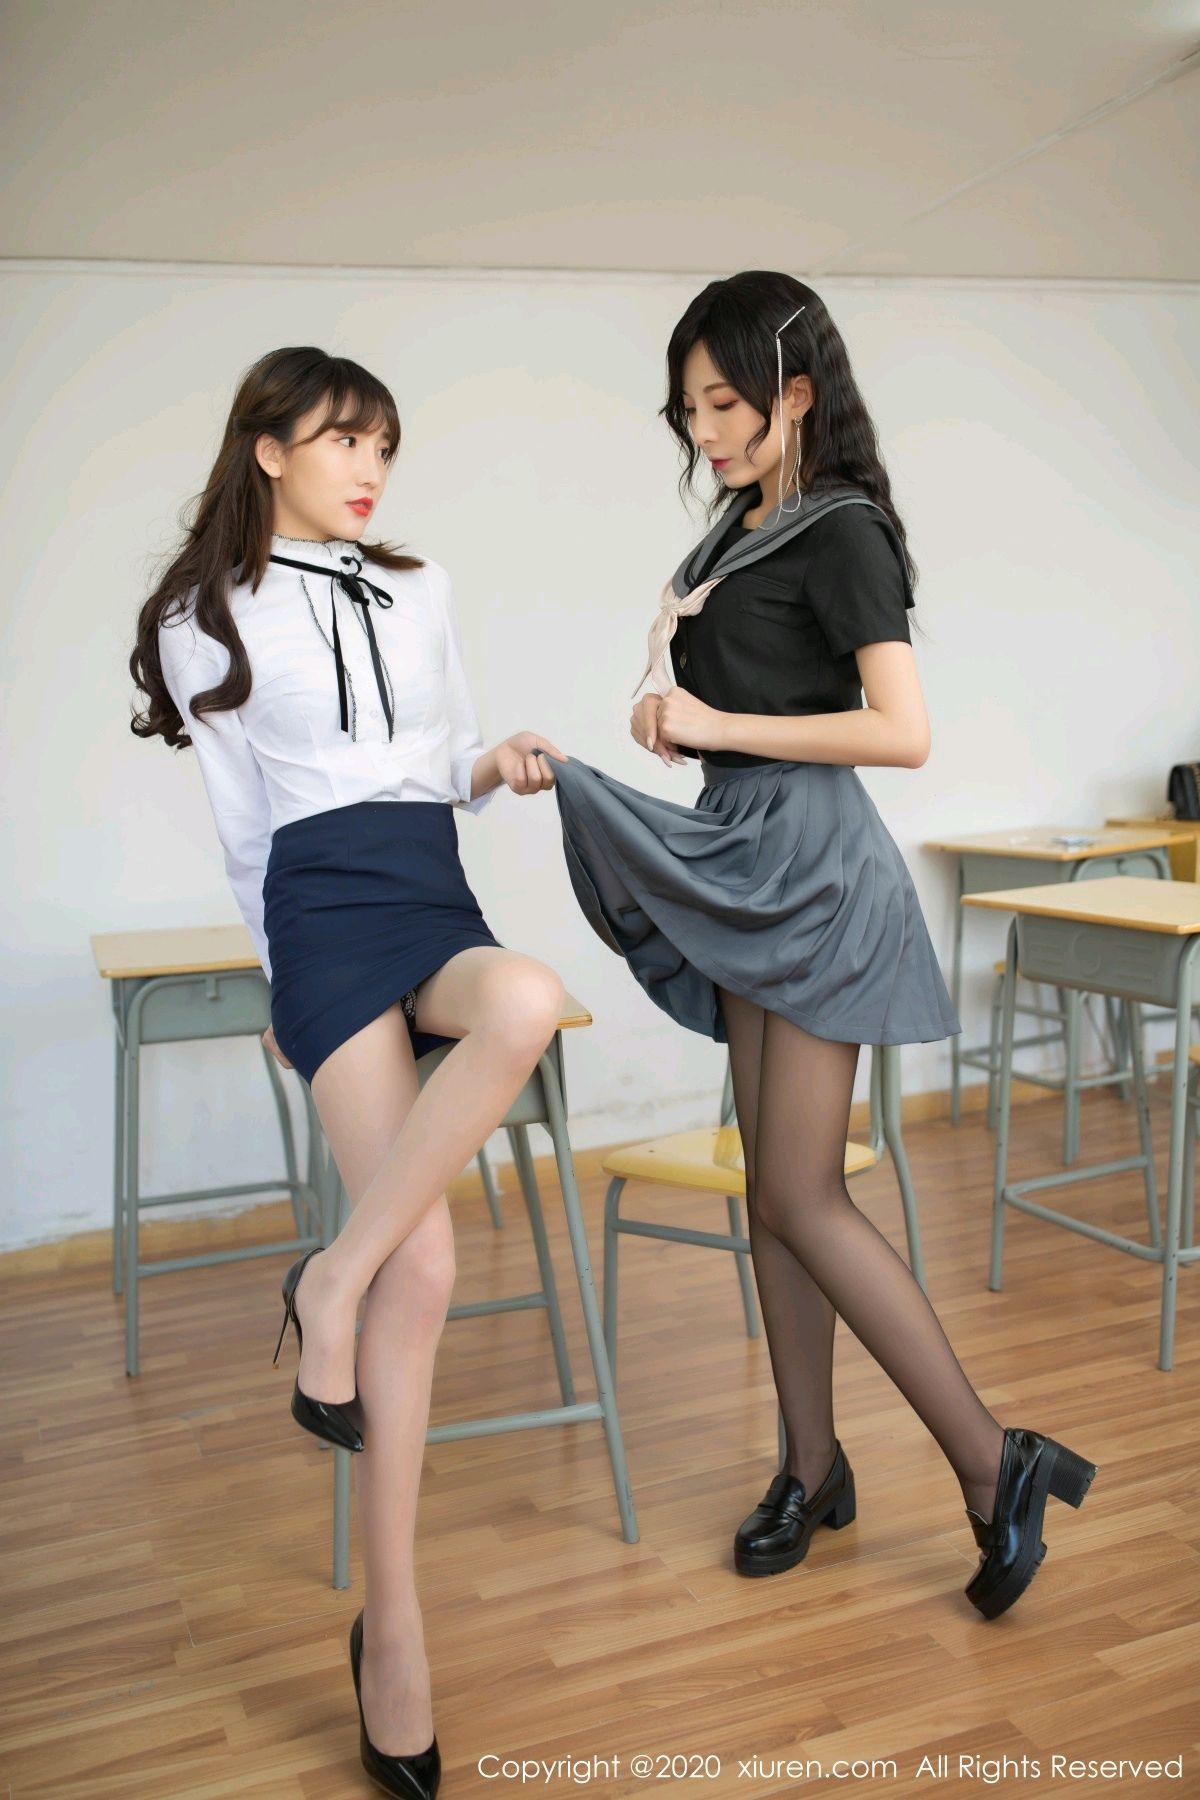 [XiuRen] Vol.2420 Chen Xiao Miao and Lu Xuan Xuan 72P, Chen Xiao Miao, Lu Xuan Xuan, School Uniform, Sisters, Xiuren